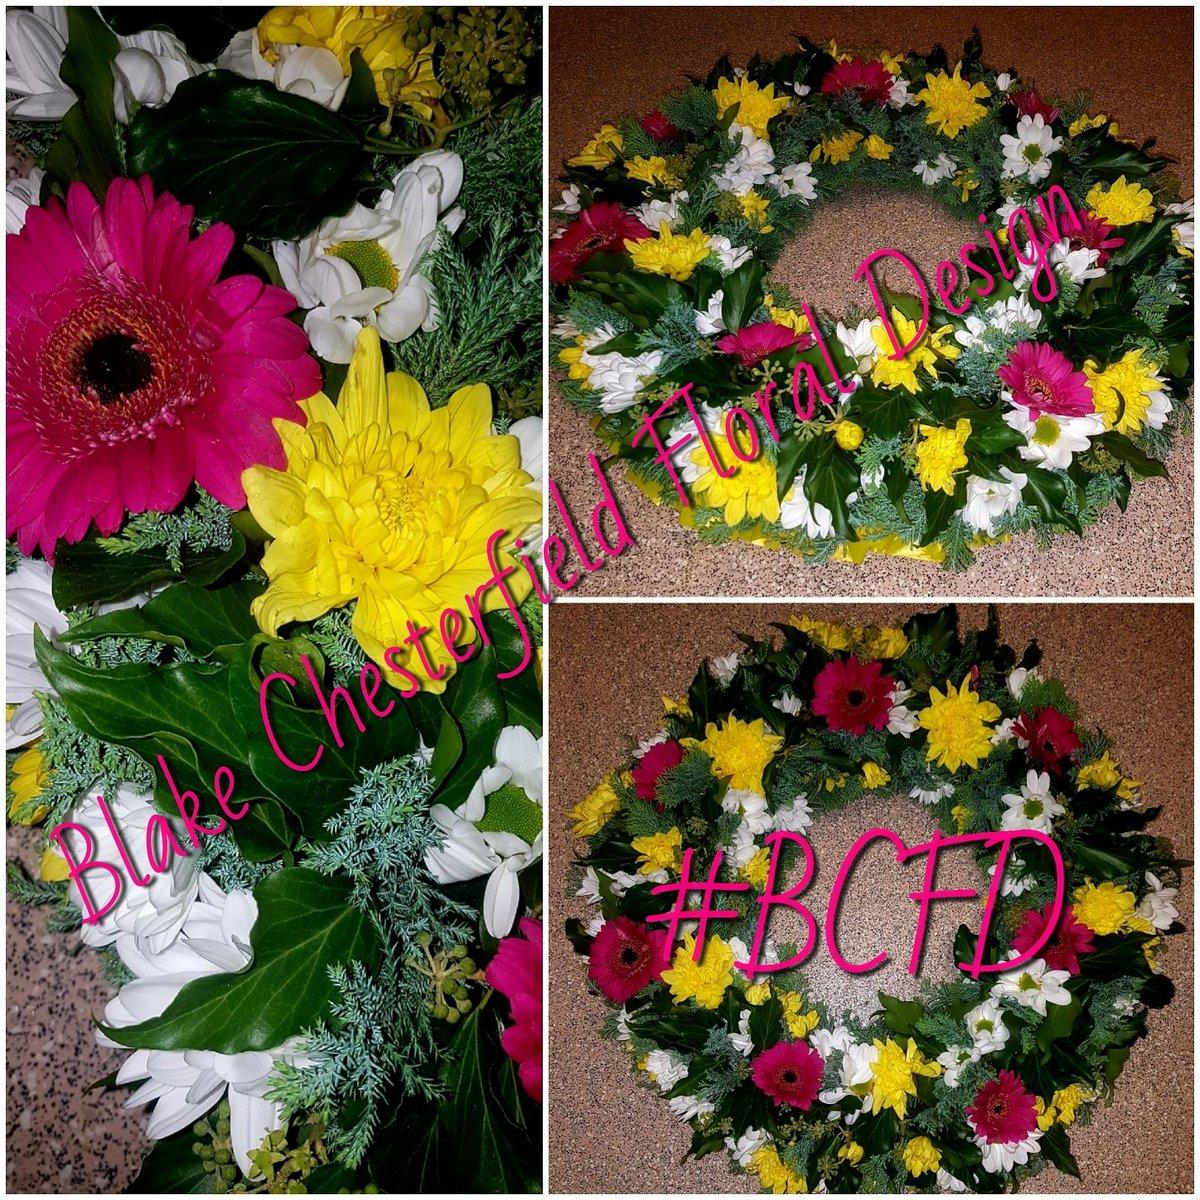 Blake chesterfield blakechester1 twitter gerberas chrysanthemum colourfulwreath wreaths funeralflowers funeralwreath sympathy sympathywreathpicitterkfbkcvsdrd izmirmasajfo